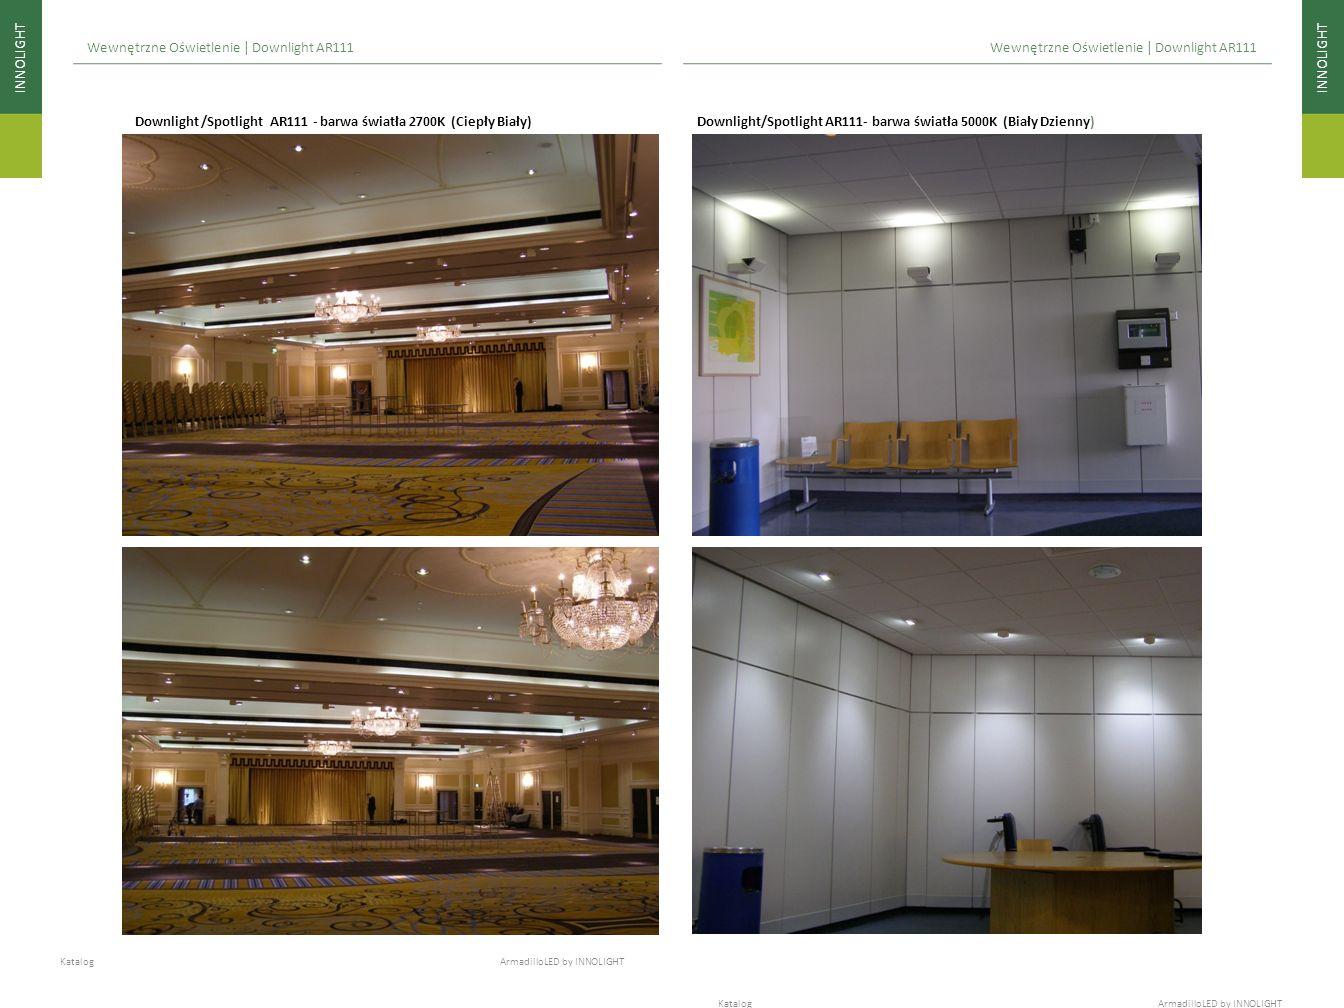 INNOLIGHT Katalog ArmadilloLED by INNOLIGHT Wewnętrzne Oświetlenie | Downlight AR111 Downlight /Spotlight AR111 - barwa światła 2700K (Ciepły Biały) D